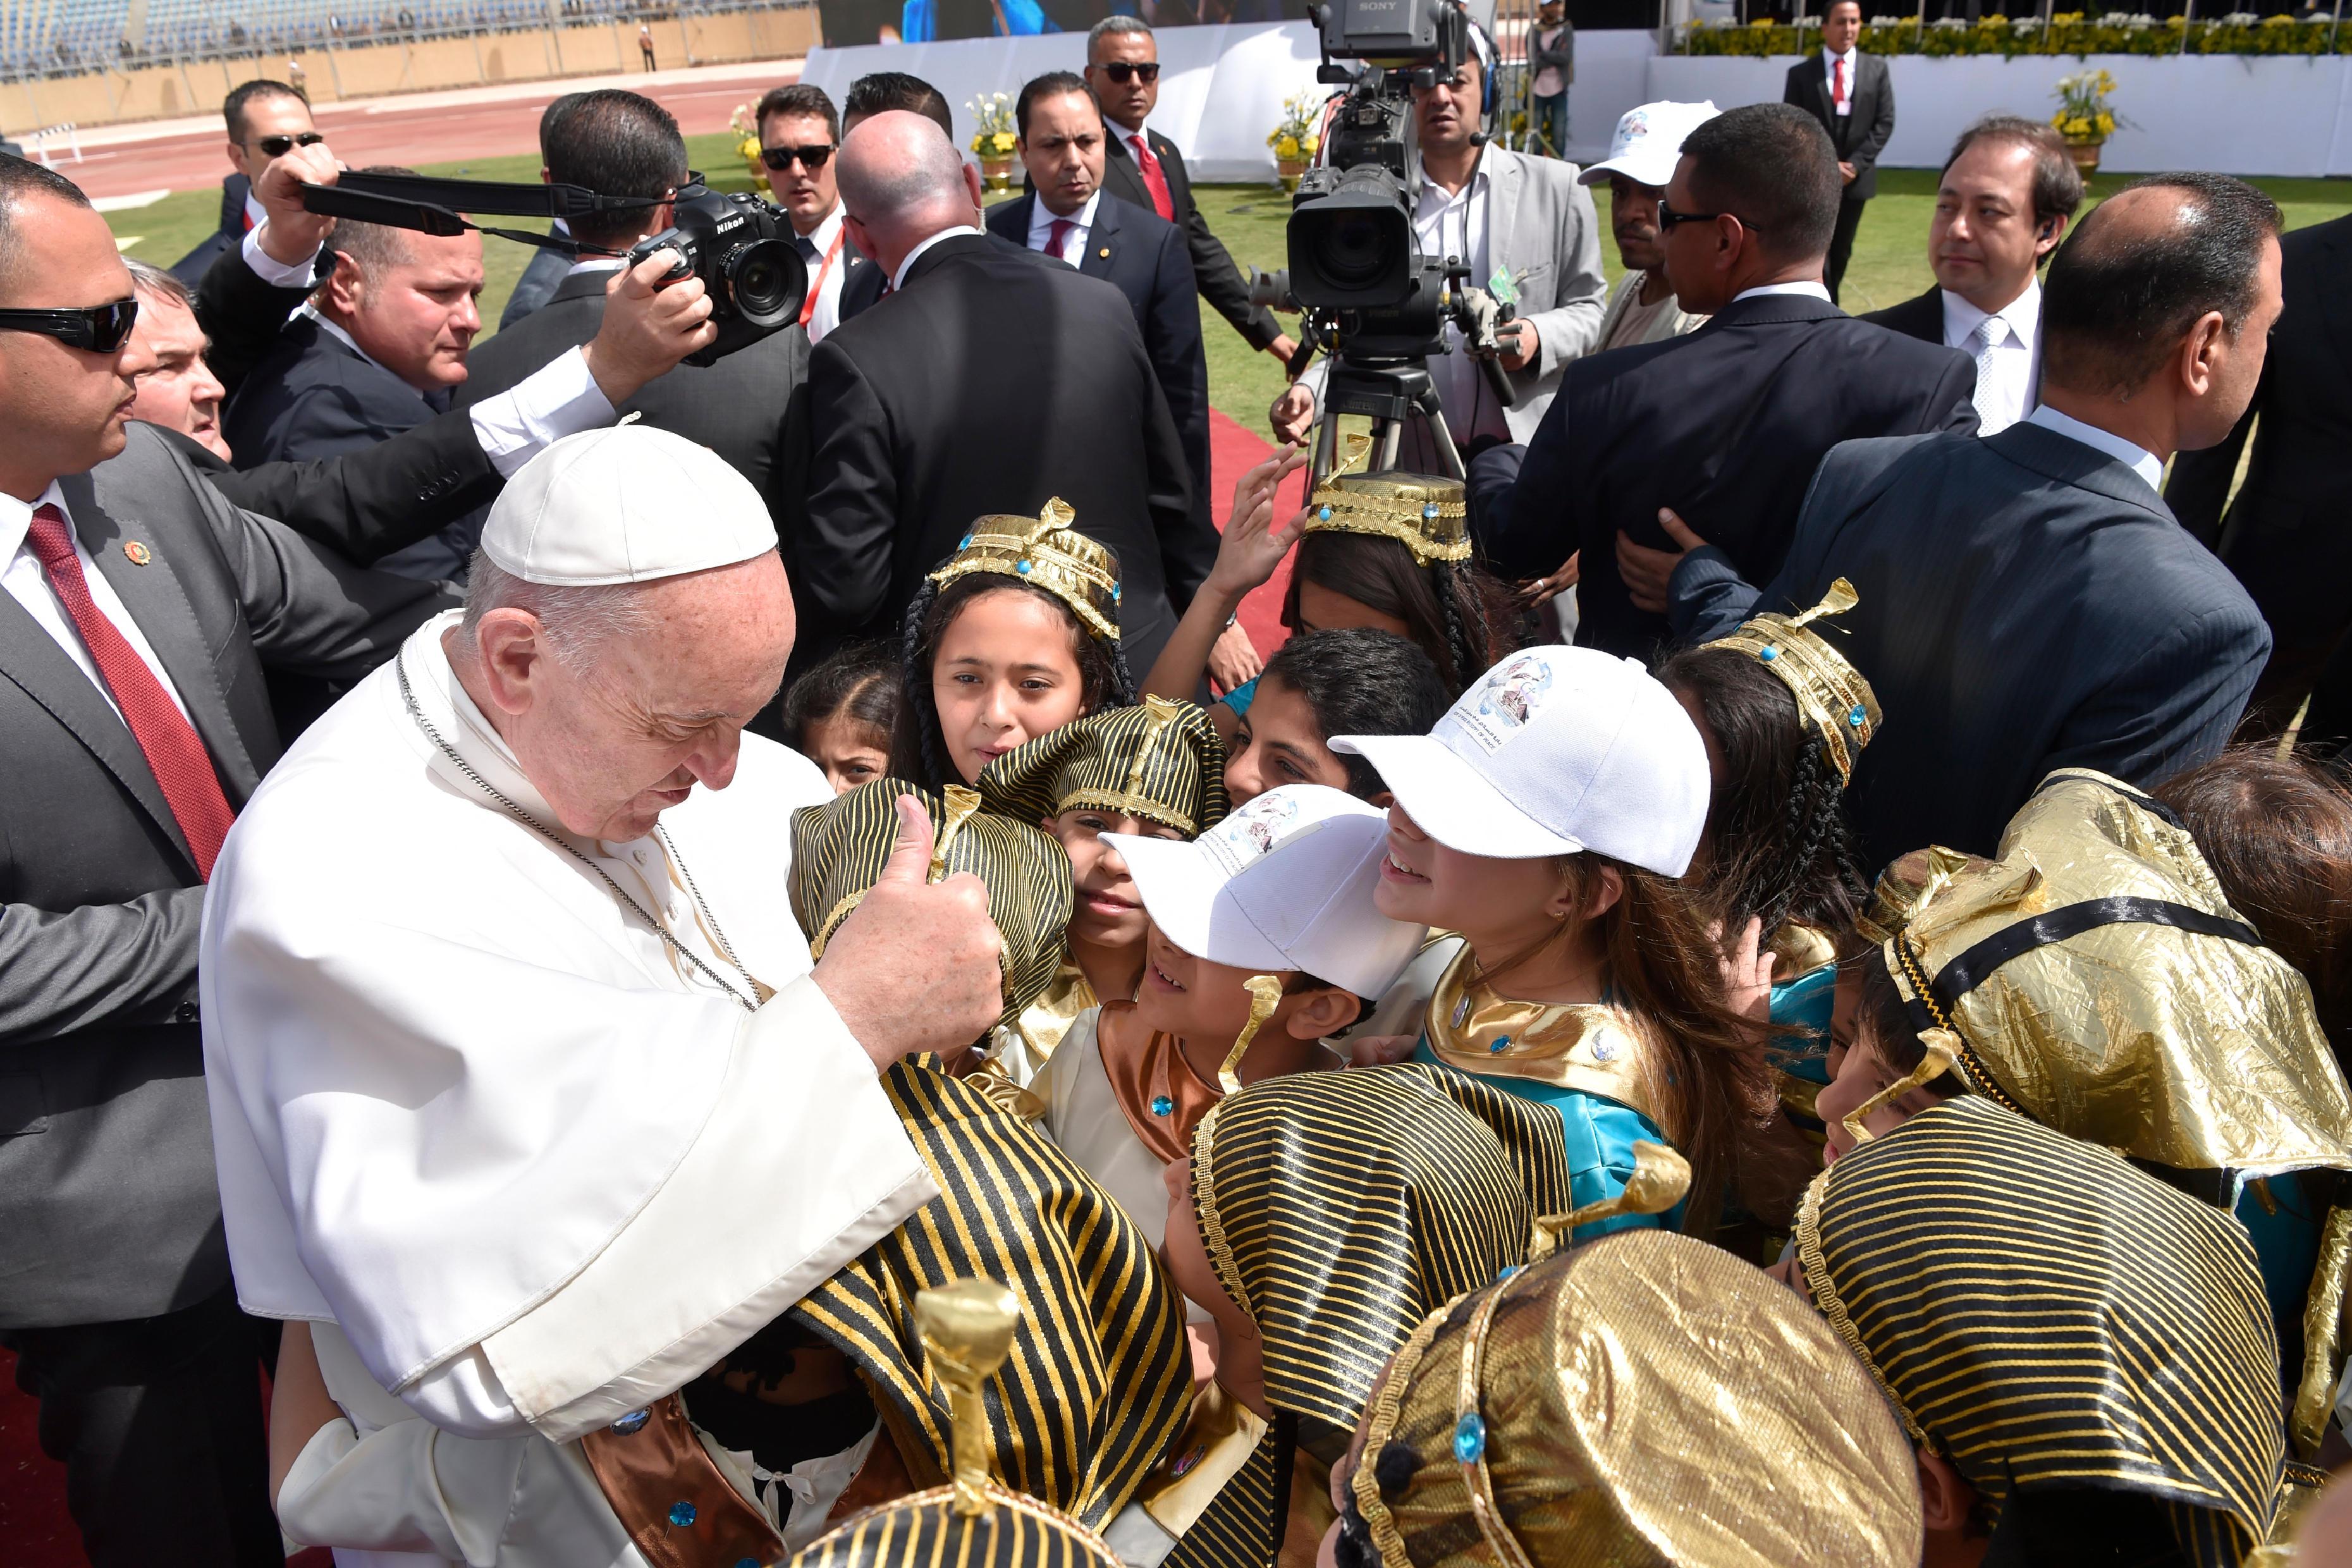 Messe au Stade du Caire, Egypte © L'Osservatore Romano